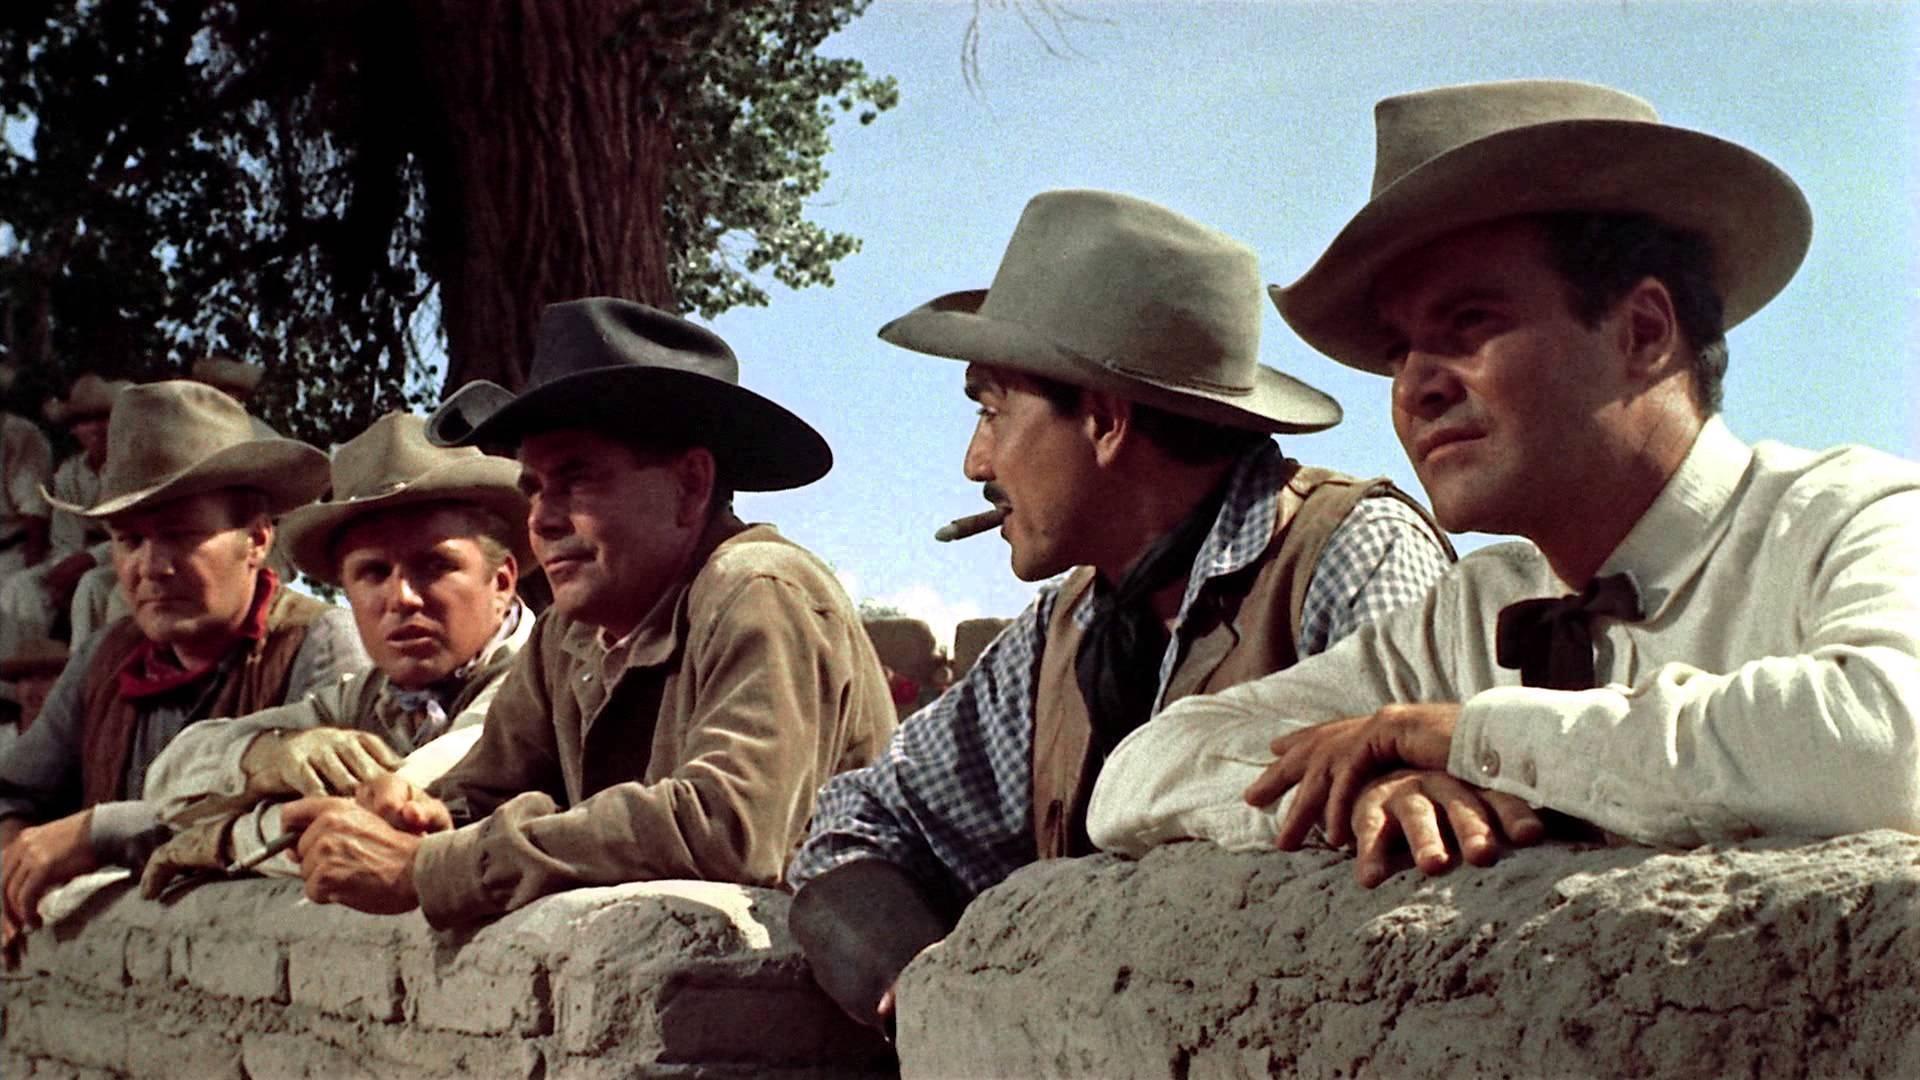 #70) Cowboy - (1958 - dir. Delmer Daves)